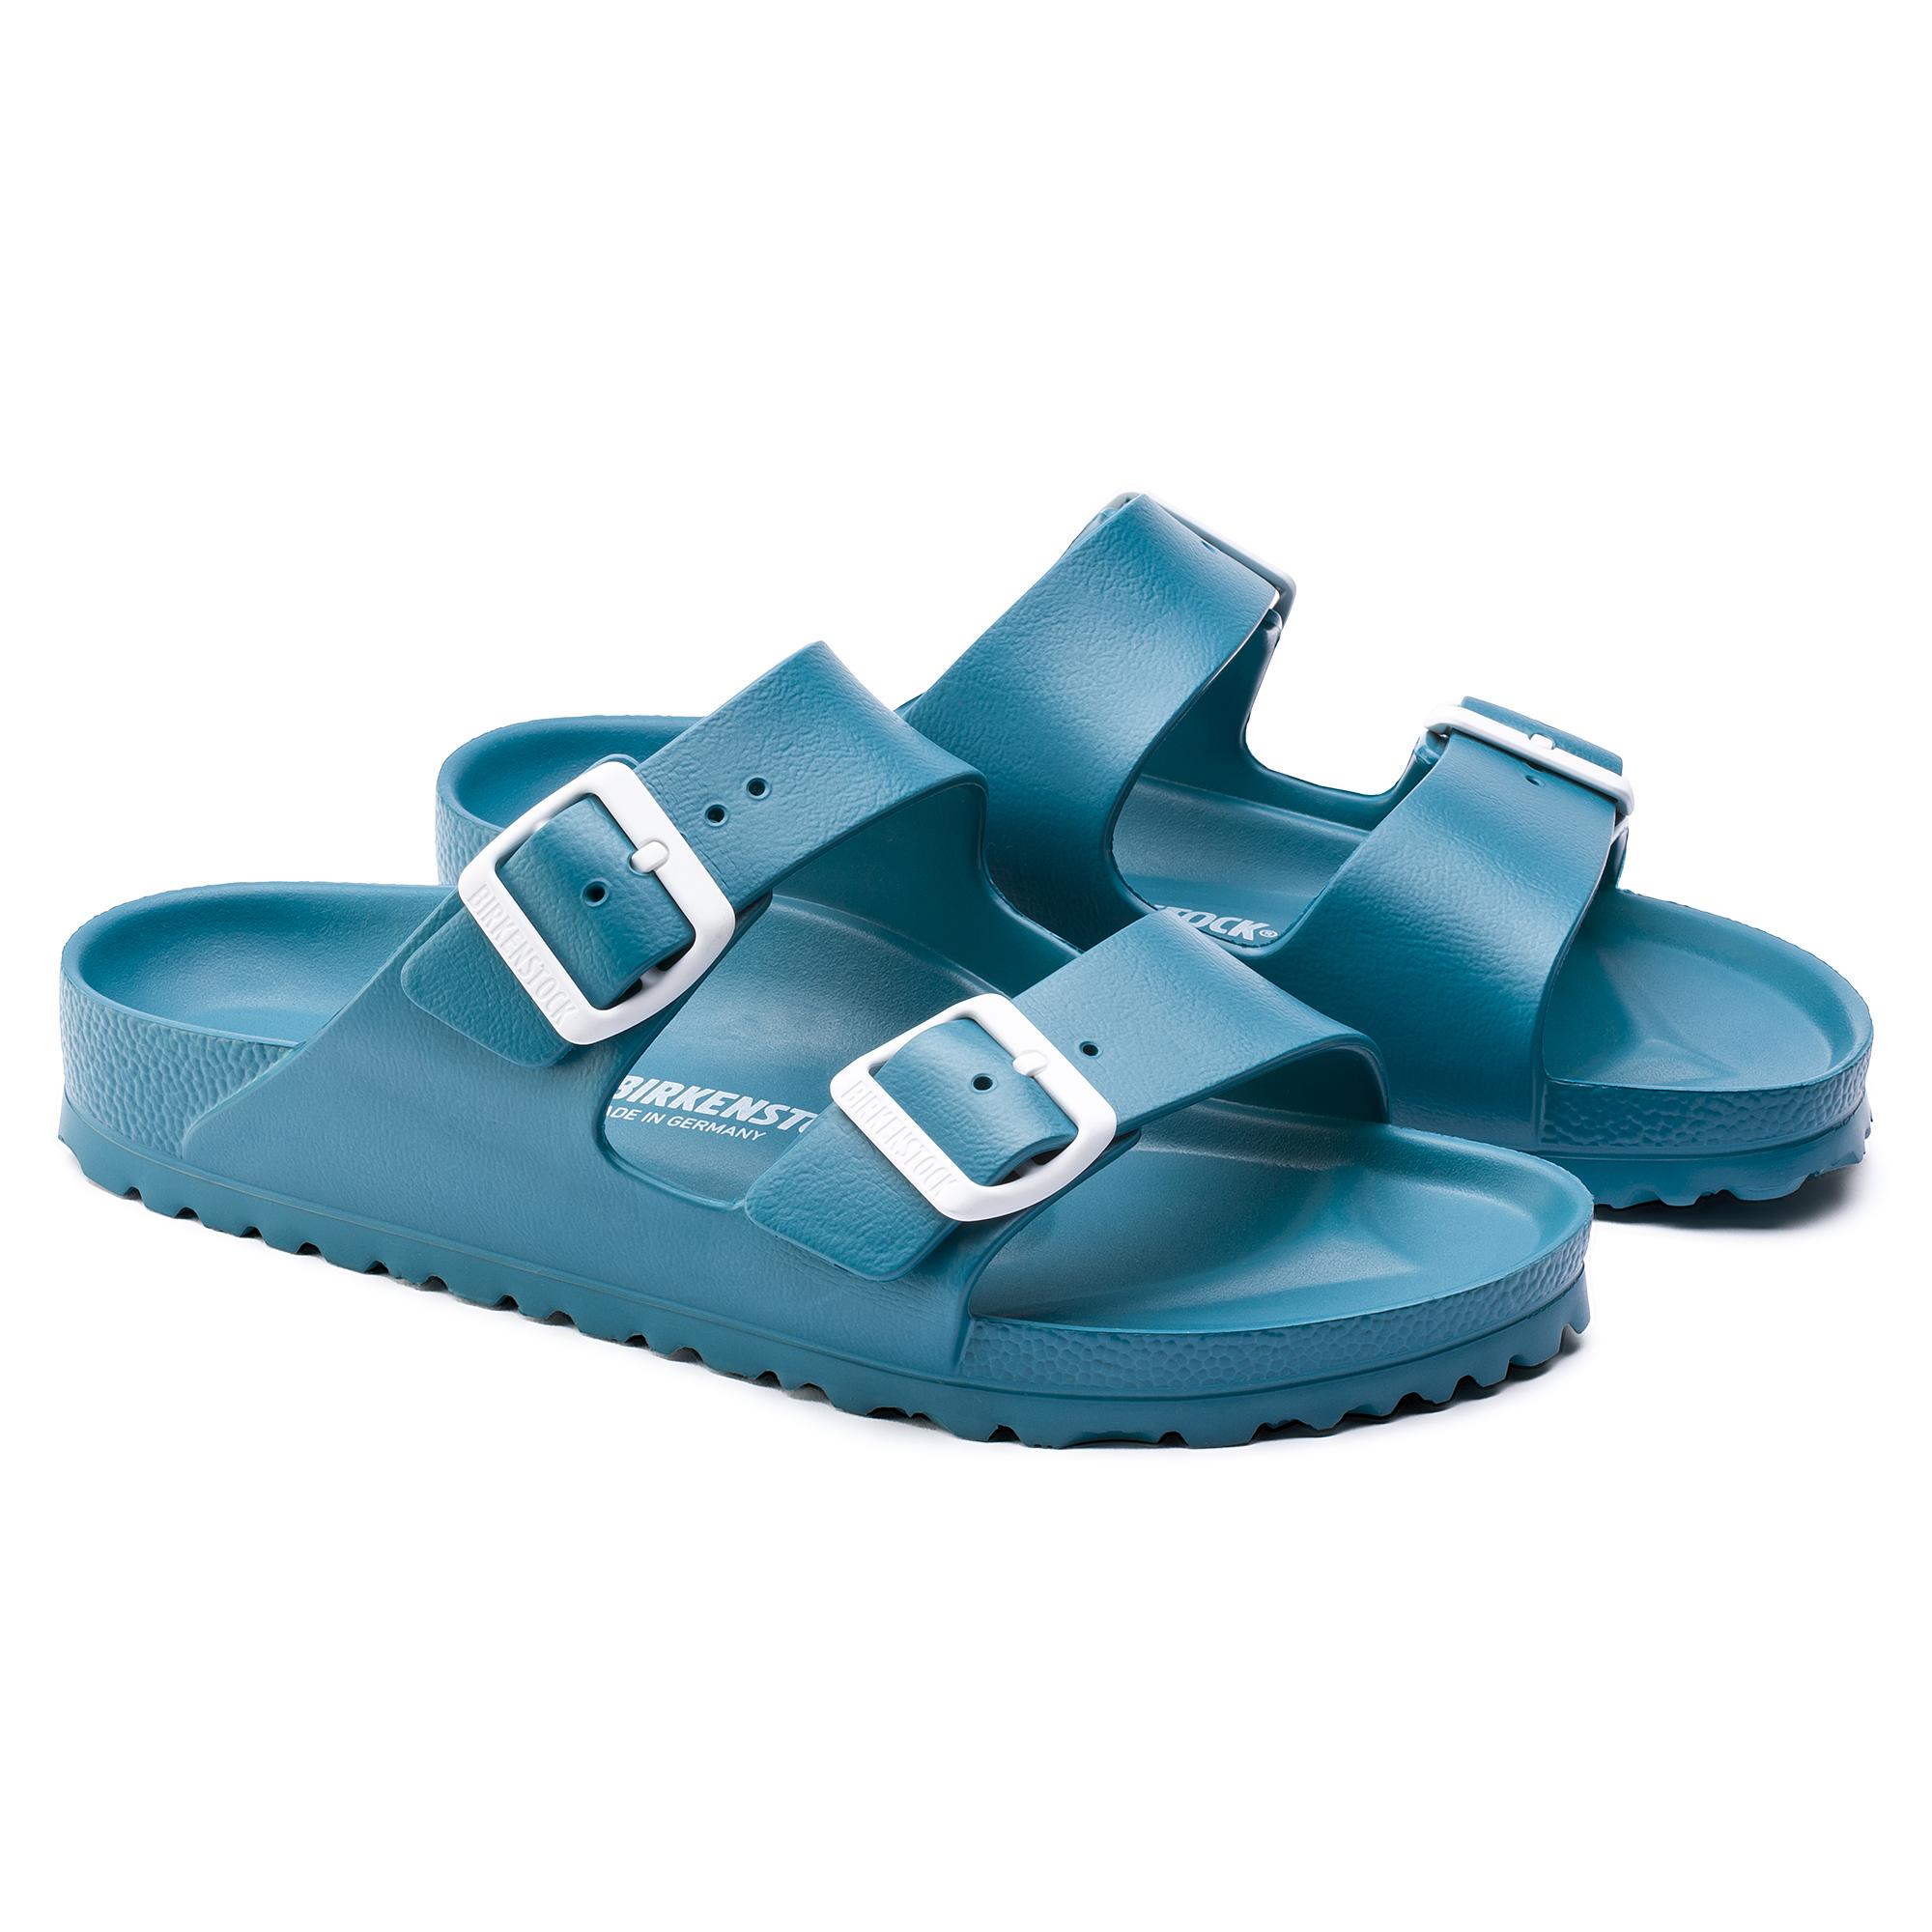 Pantoletten BIRKENSTOCK Arizona 1013094 Turquoise